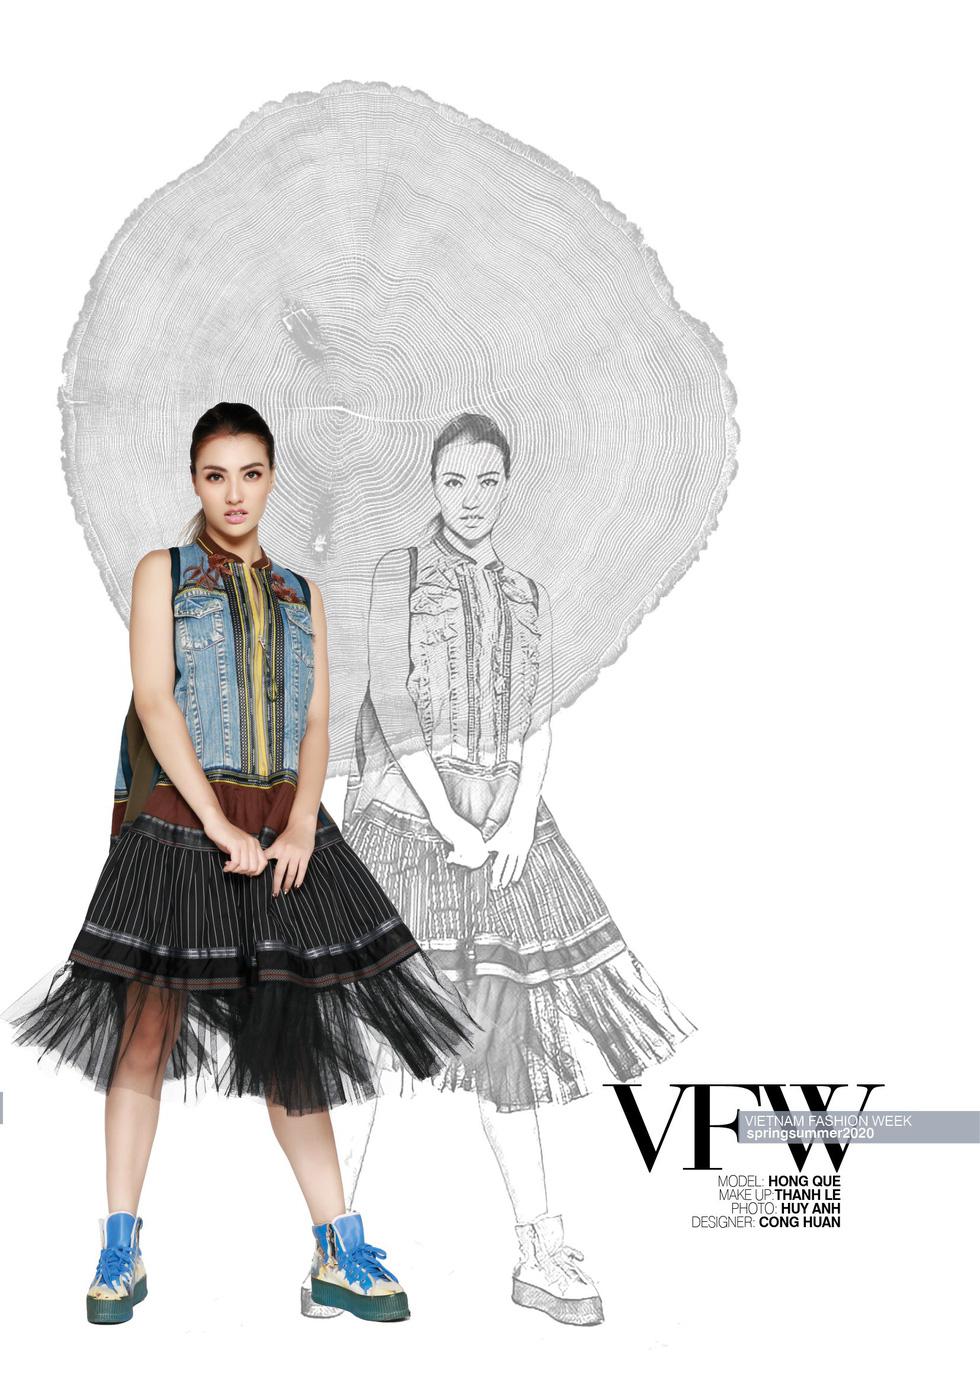 NTK Minh Hạnh: Sao phải đợi Louis Vuitton, ta mới thấy Việt Nam mình đẹp! - Ảnh 8.